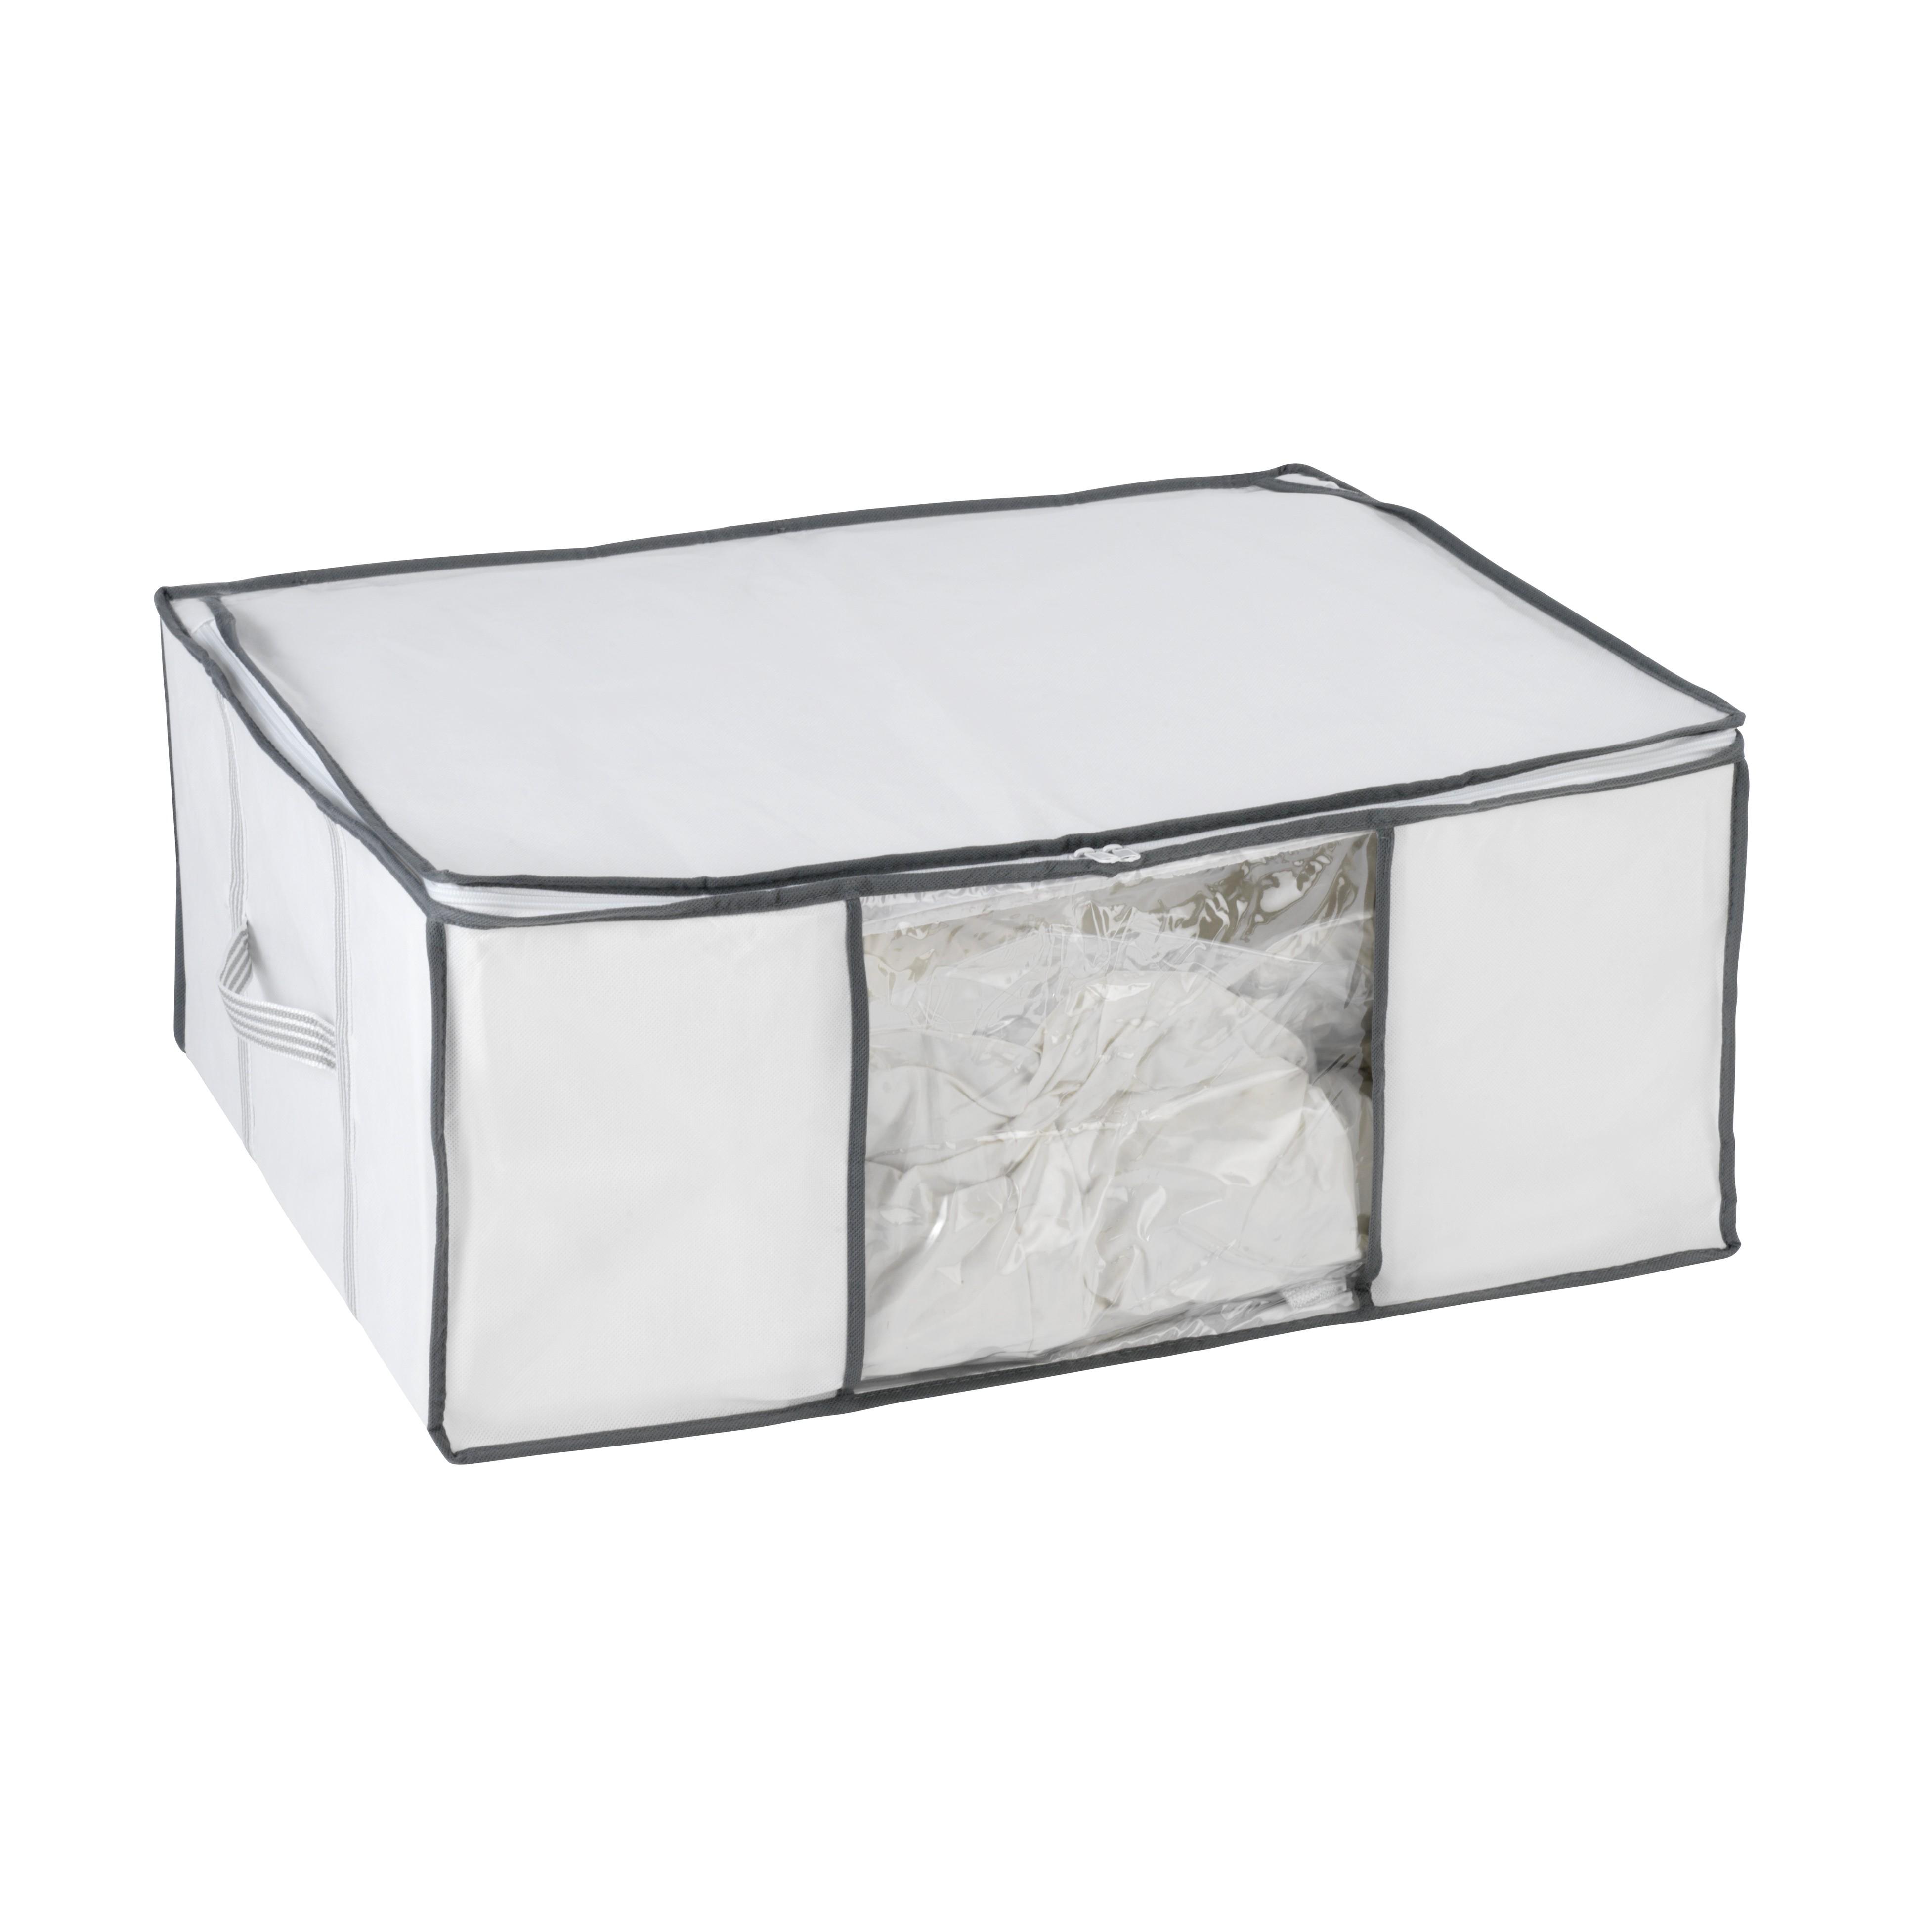 wenko housse de rangement sous vide d air prix et offres. Black Bedroom Furniture Sets. Home Design Ideas